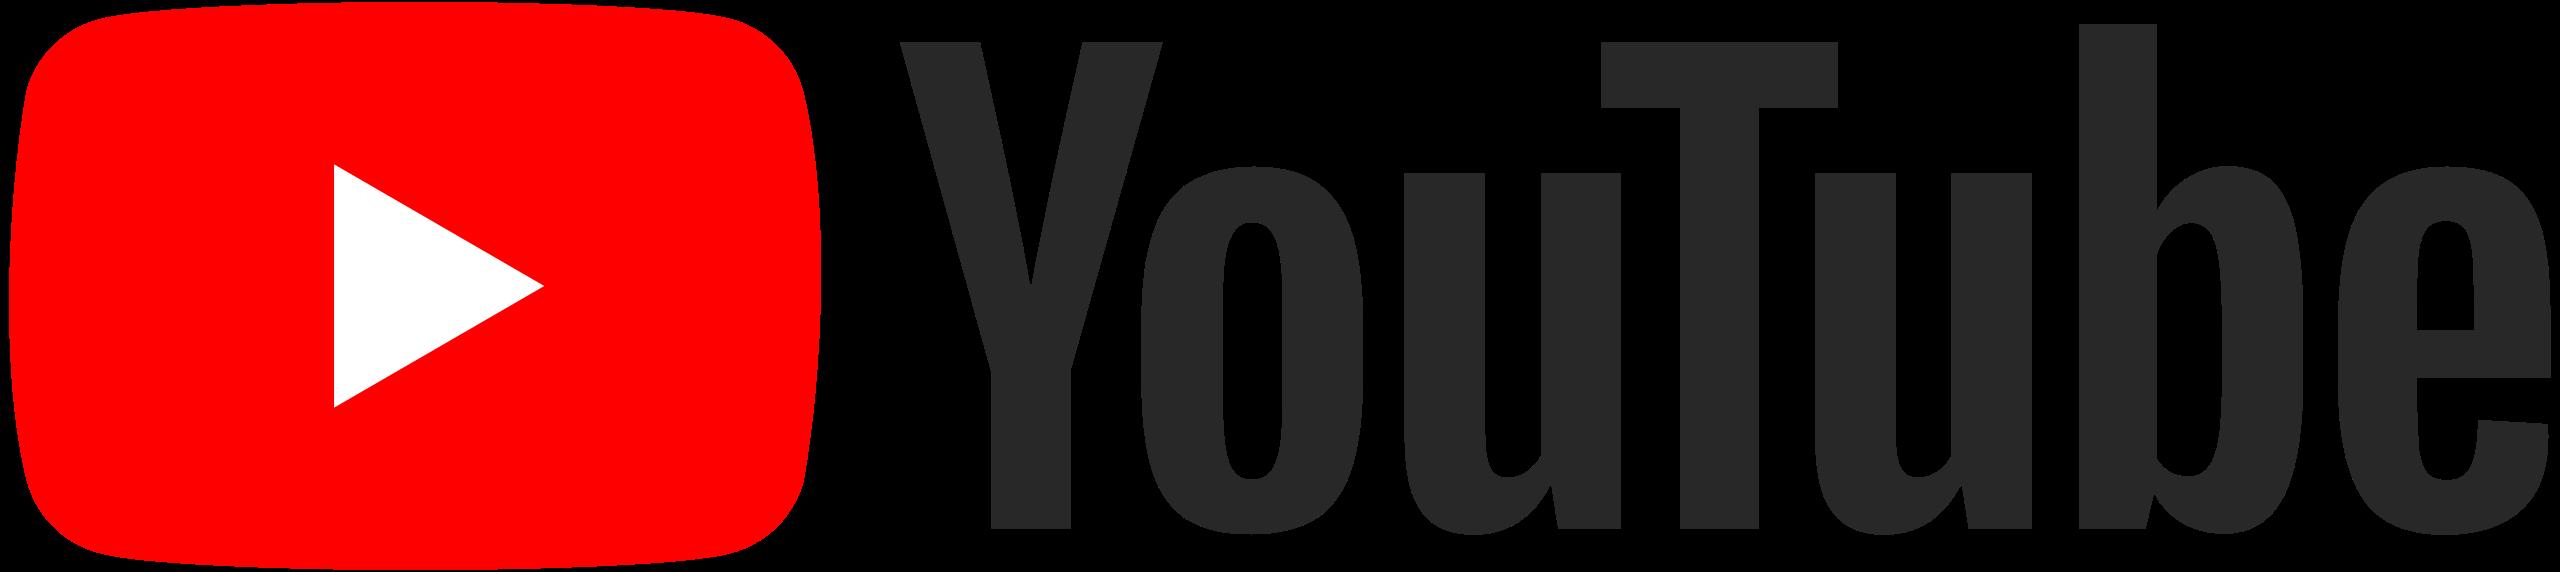 Comment créer un logo YouTube Fortnite ?